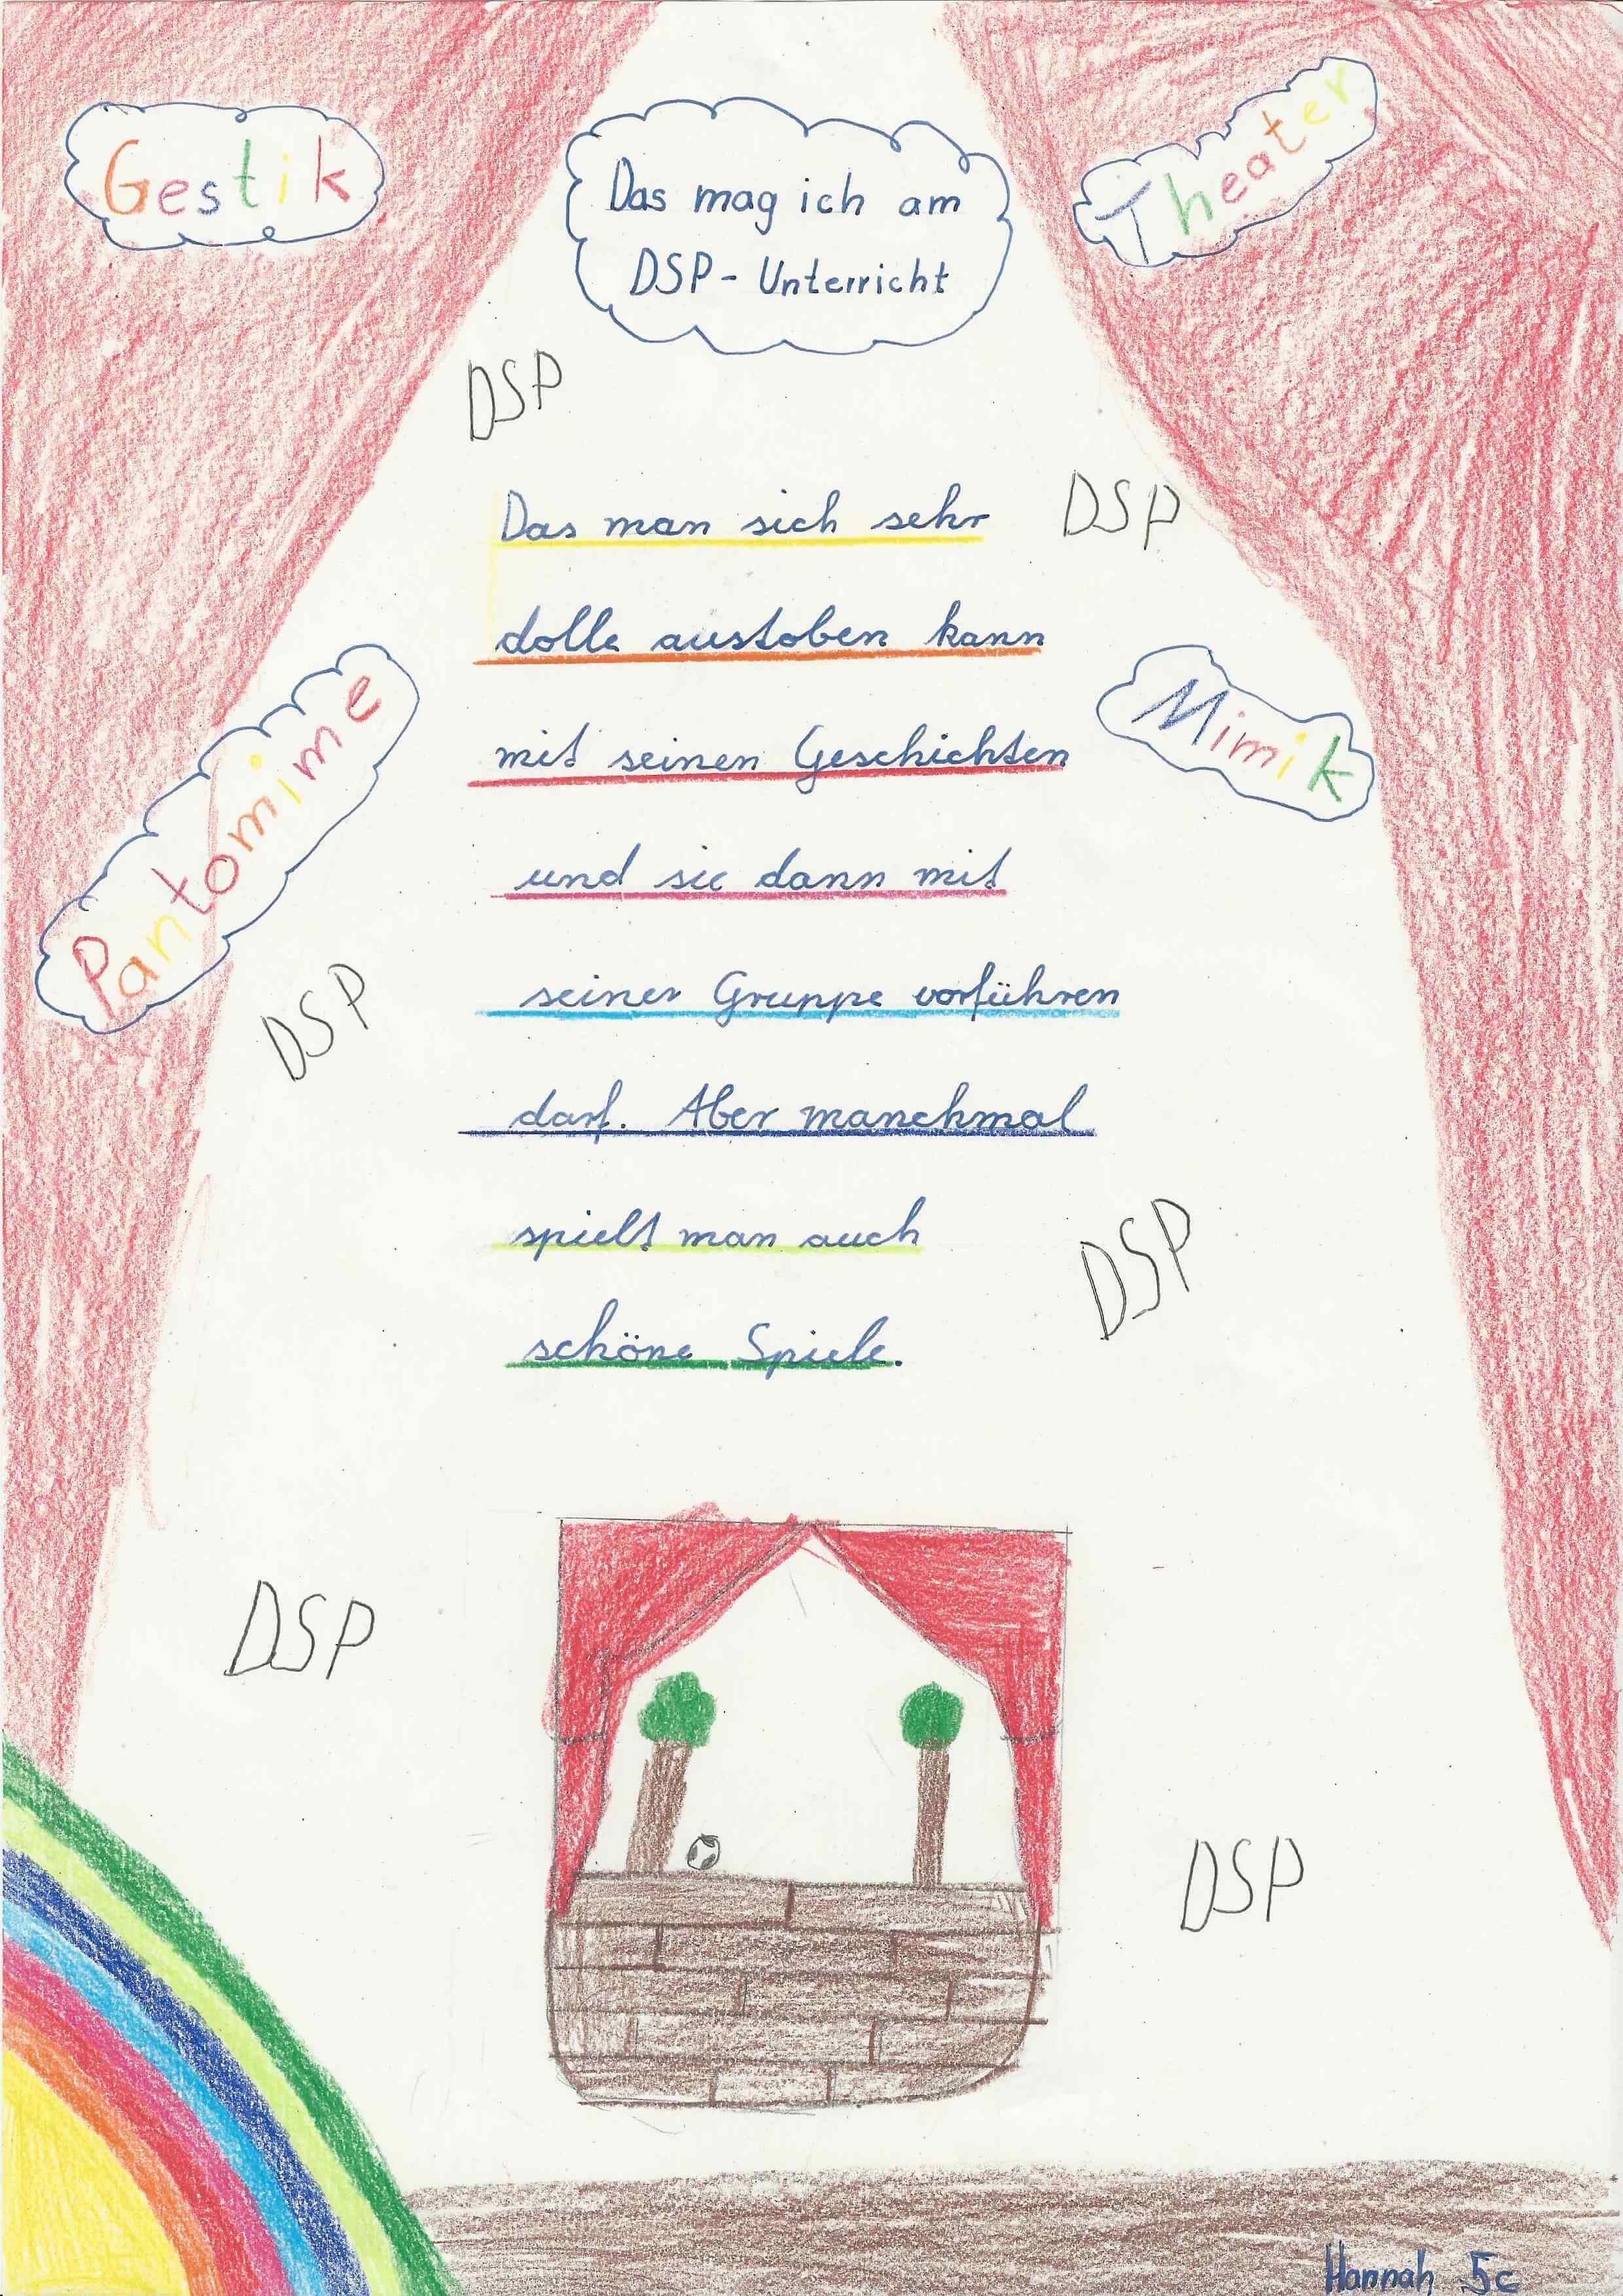 Das_mag_ich_am_DSP-Unterricht3-1.jpg?auto=compress,format&colorquant=1600